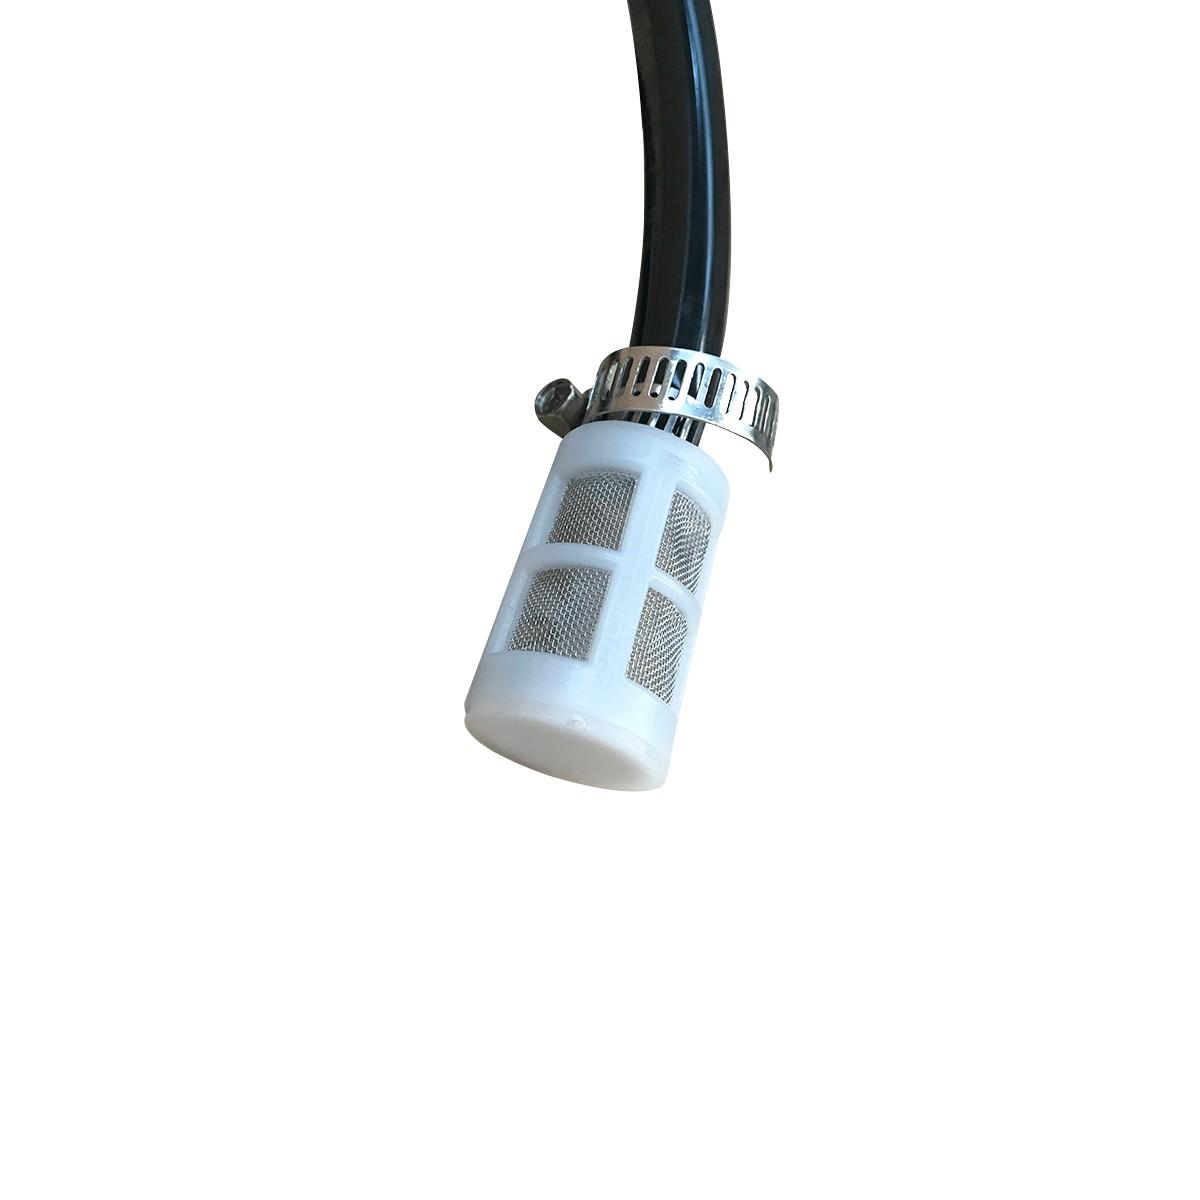 Kit Pulverizador Estacionário 100PSI com Caixa Steck